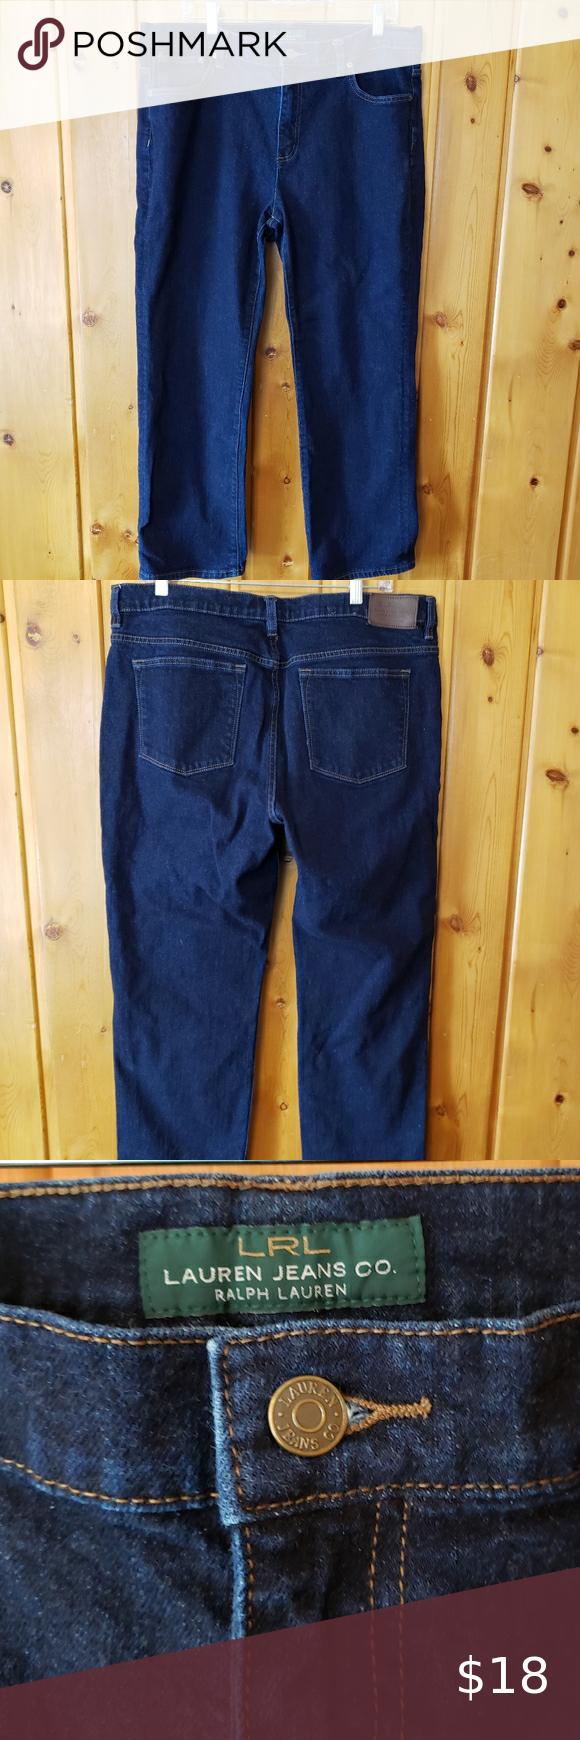 ➕ LRL Ralph Lauren Dark Wash Jeans